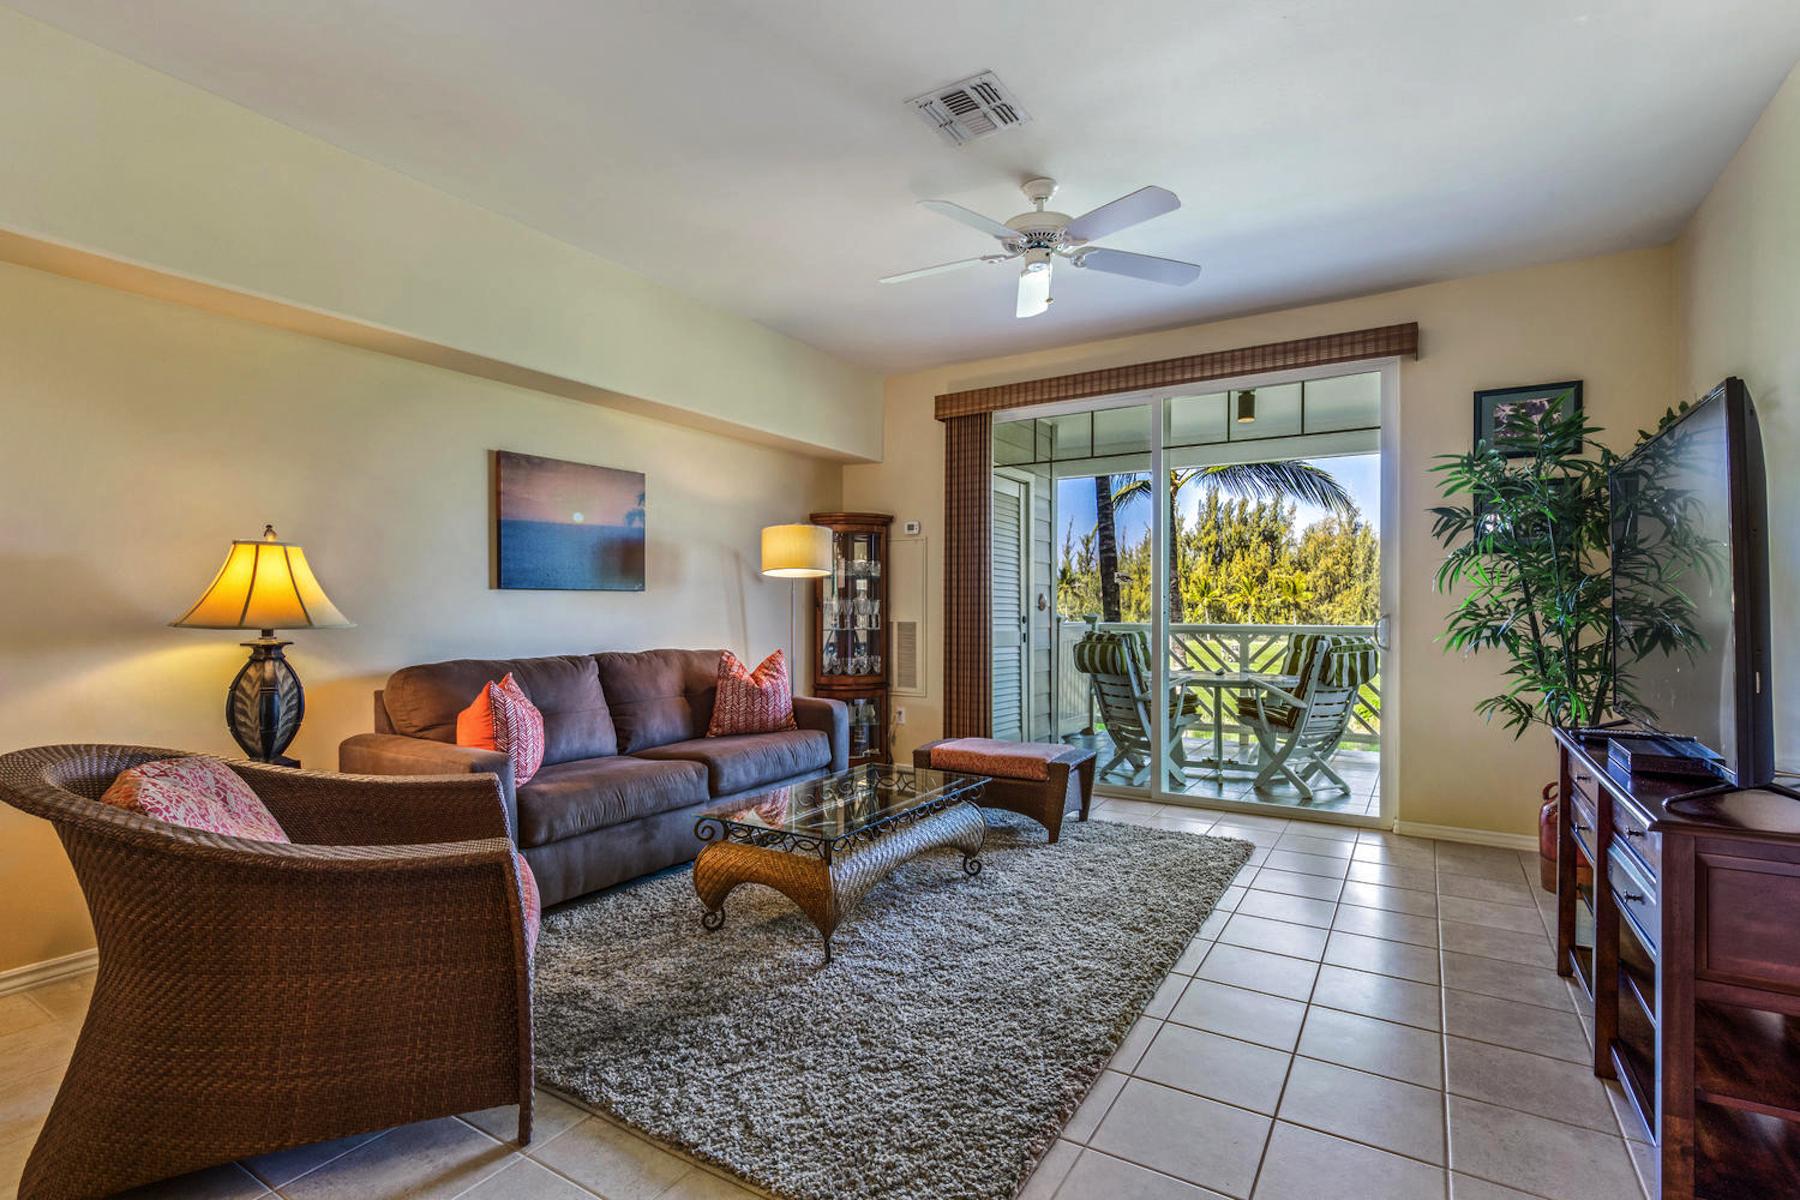 联栋屋 为 销售 在 Fairway Villas at Waikoloa Beach Resort 69-200 Pohakulana Pl D3 威克洛亚, 夏威夷 96738 美国